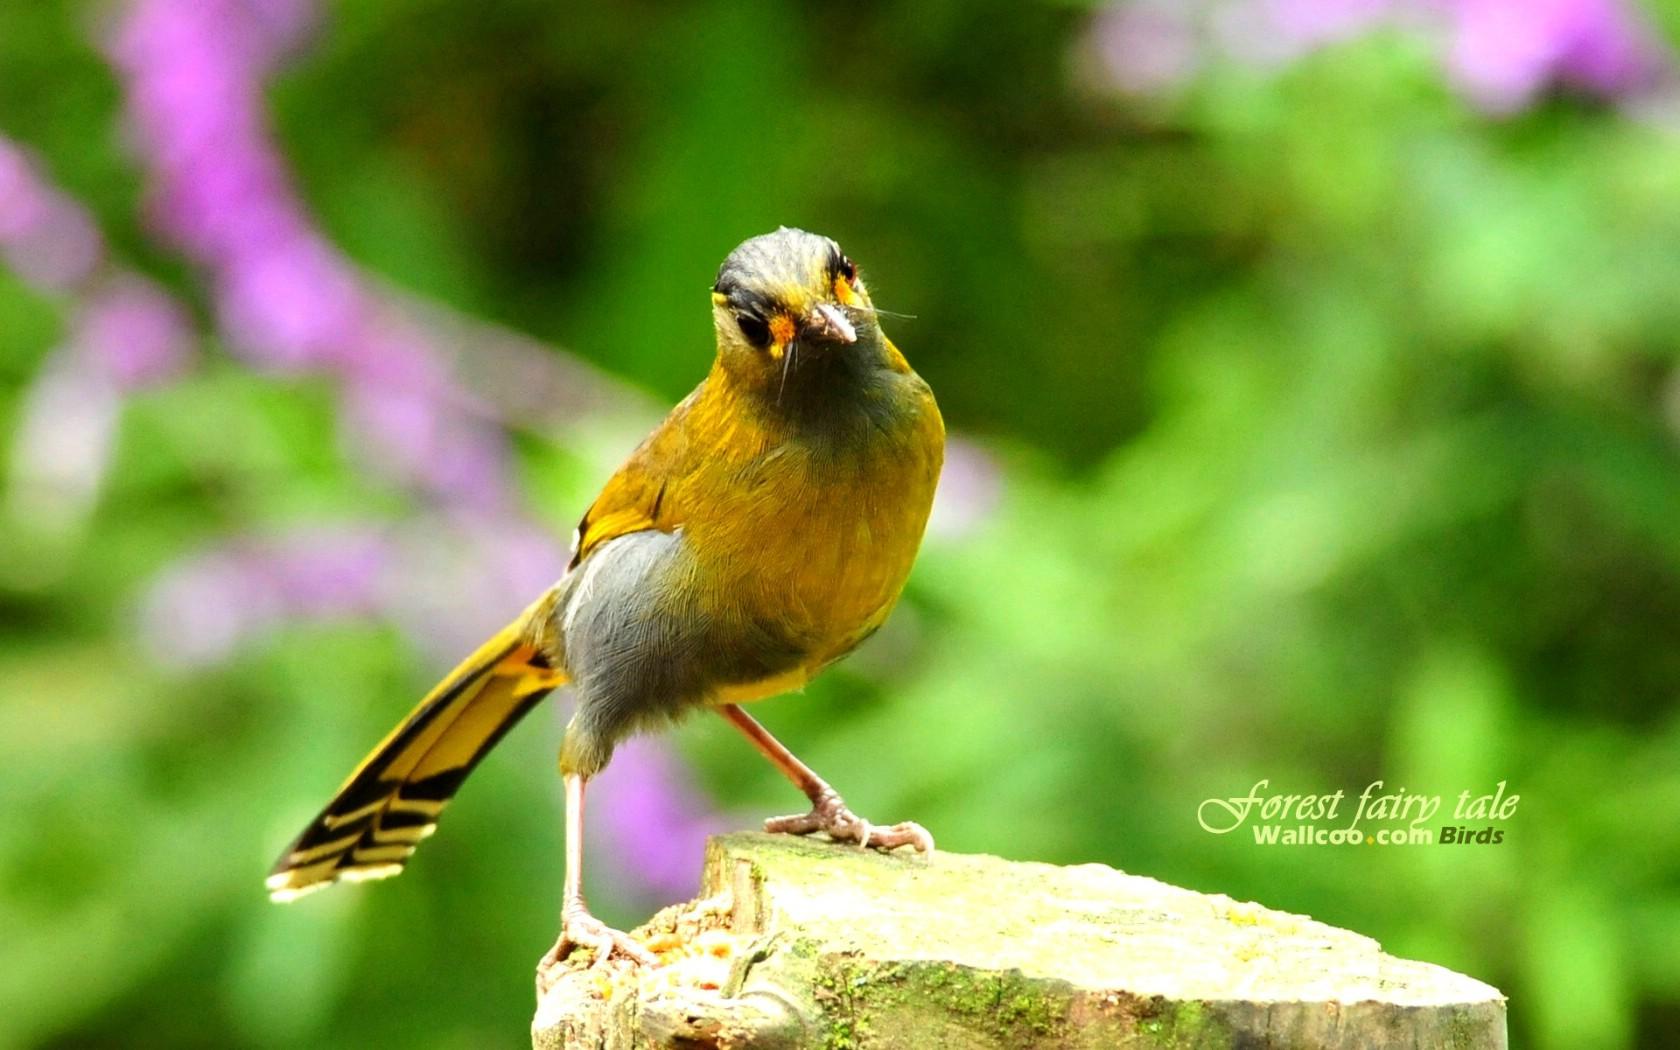 壁纸/树林里的小精灵 春天可爱小鸟壁纸 薮鸟黄胸薮眉小鸟树林小鸟...